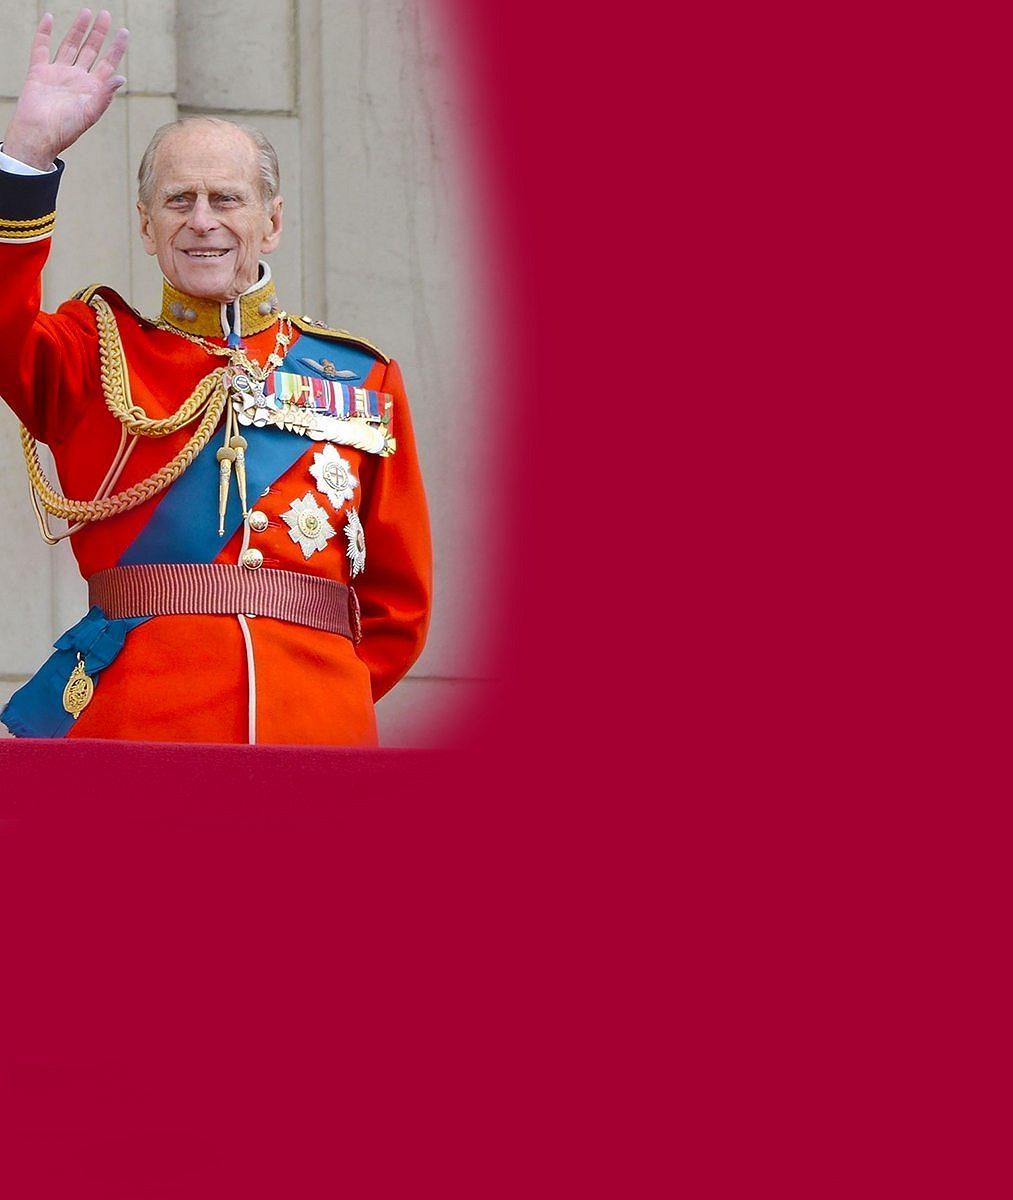 Poslední rozloučení s princem Philipem (✝99). Královna zveřejnila láskyplné foto ze soukromého archivu